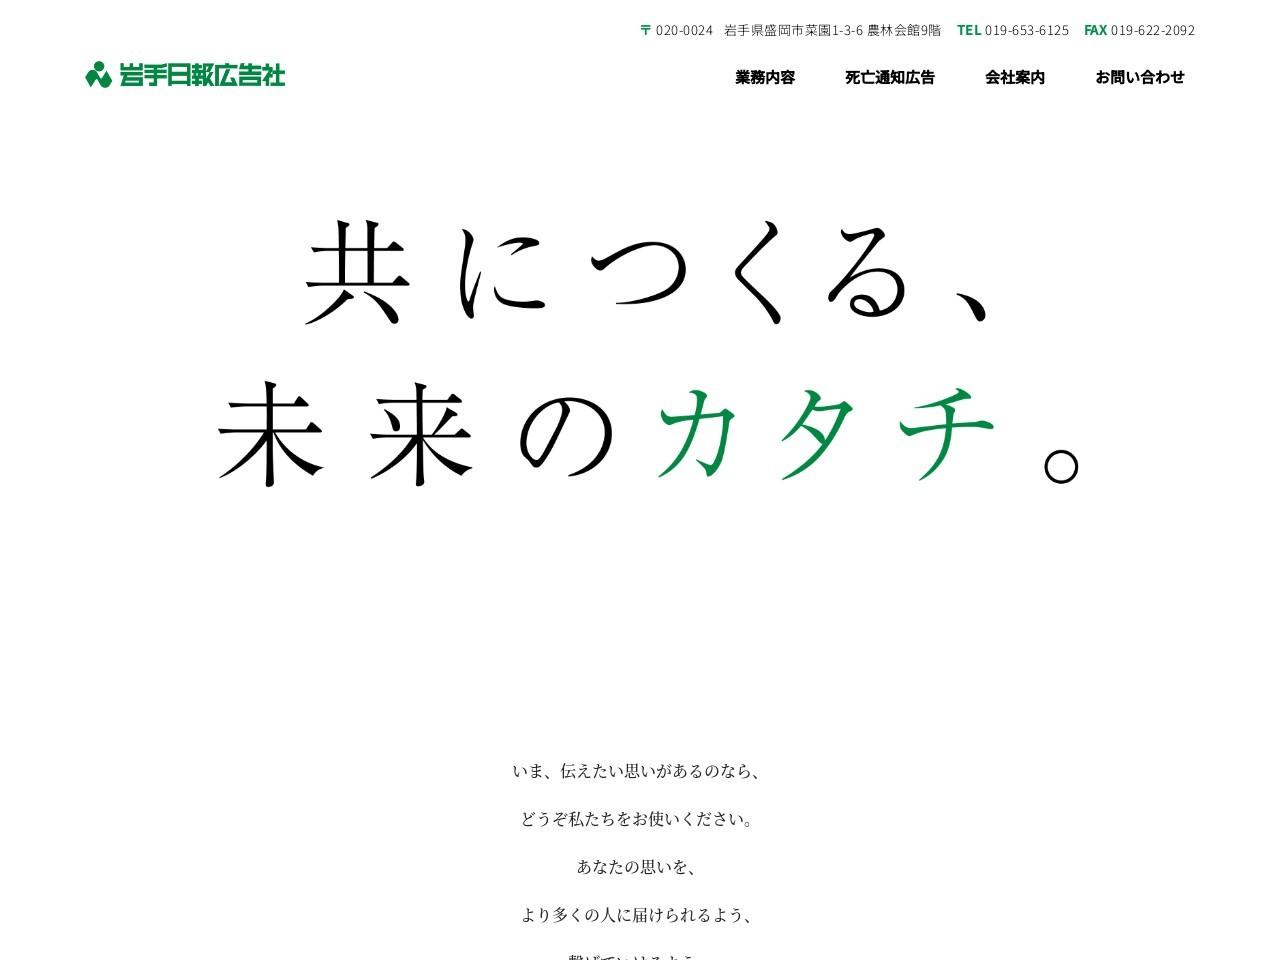 株式会社岩手日報広告社